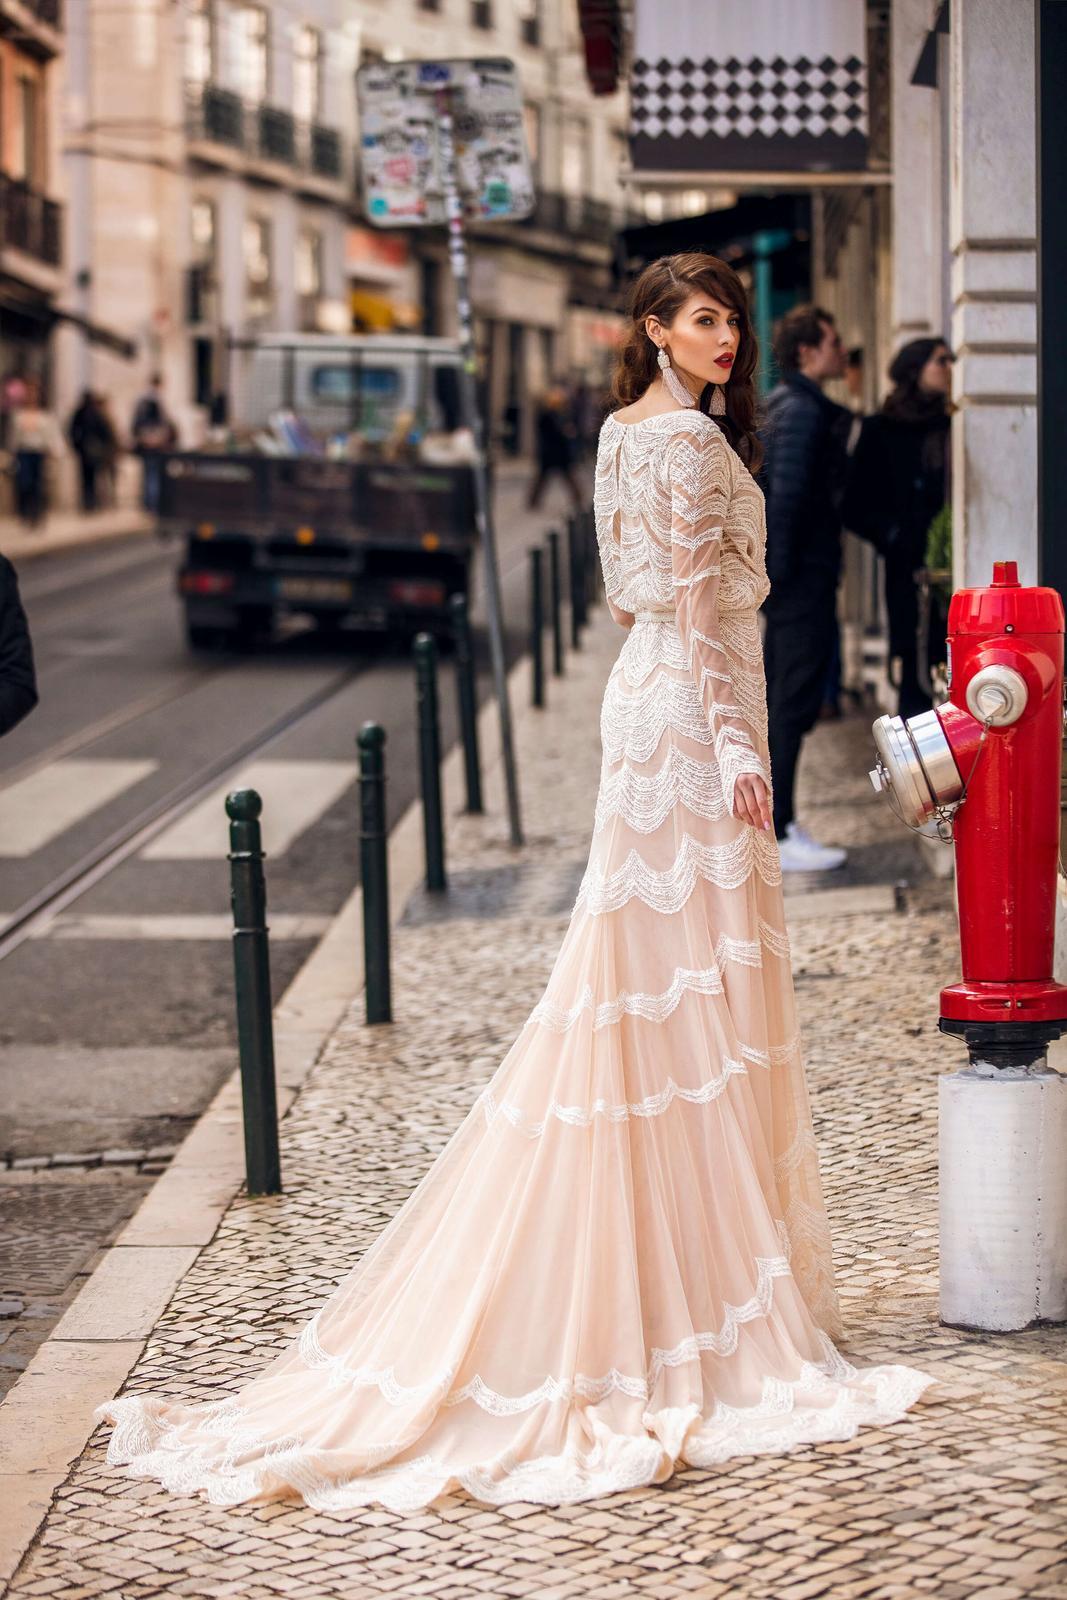 Innocentia Divina 2019 * Svadobné šaty z kolekcií na rok 2019 - Obrázok č. 48